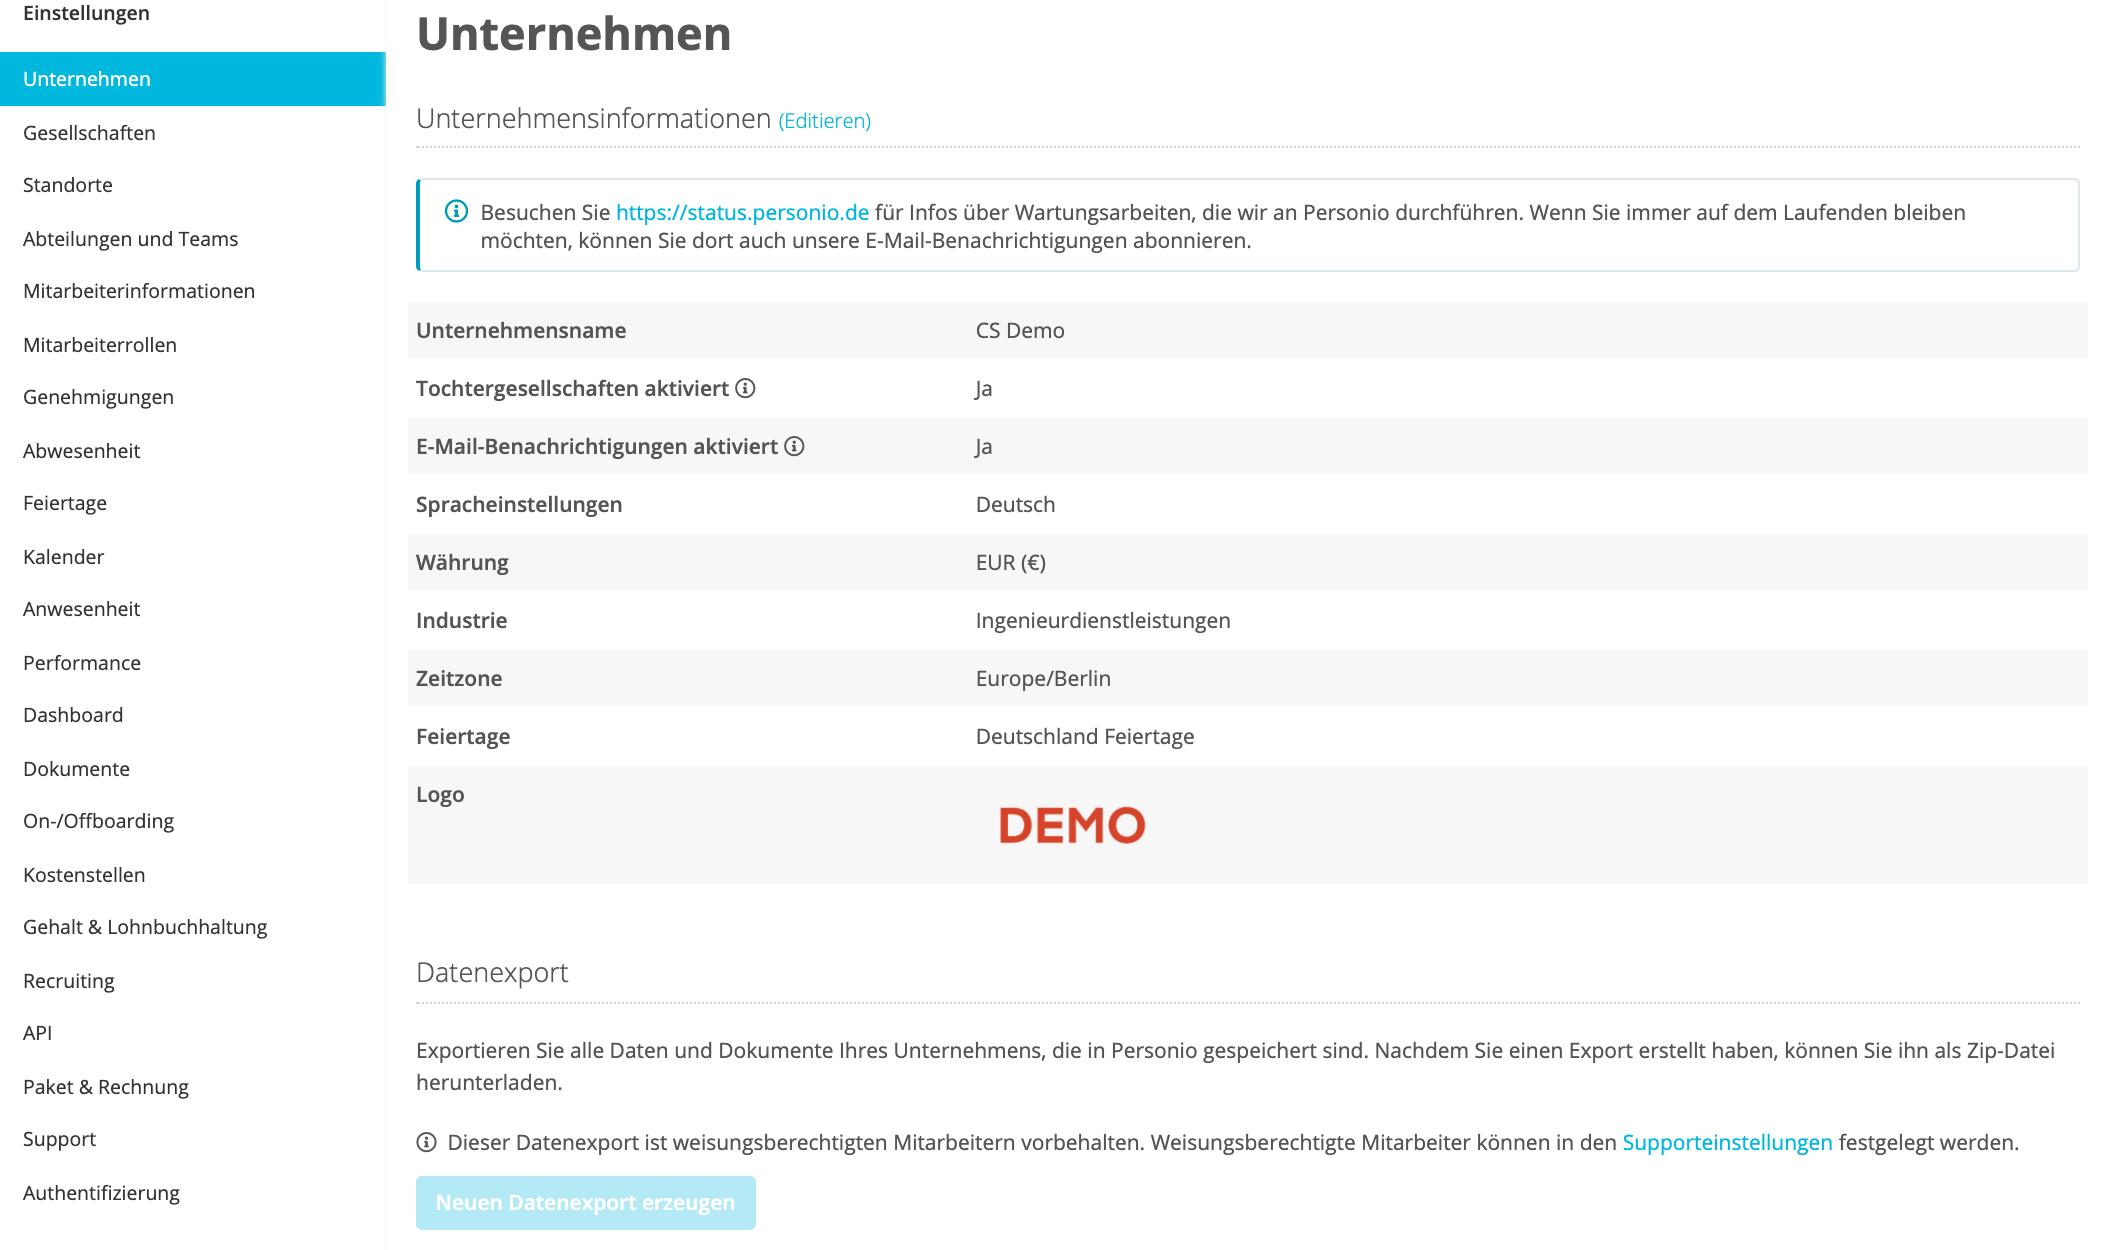 access-rights-account-configuration_de.png